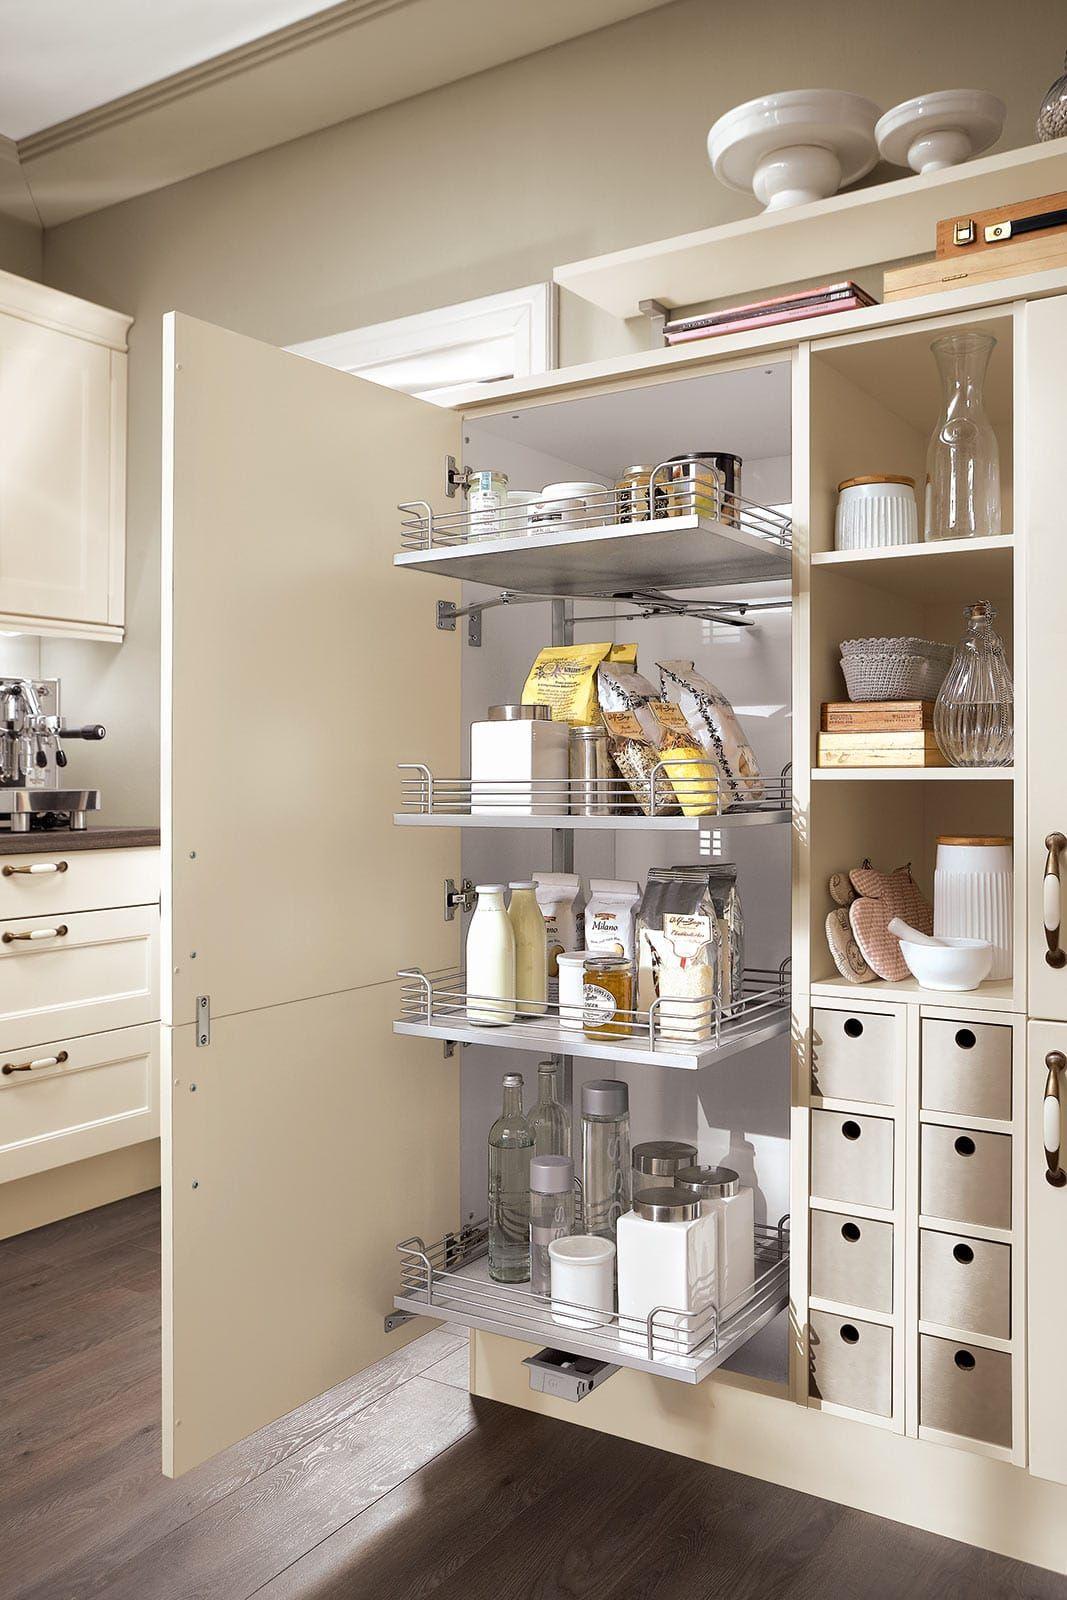 Vorratsschrank küche weiß  vorratsschrank einbauküche creme norina 7365 | Küchen | Pinterest ...